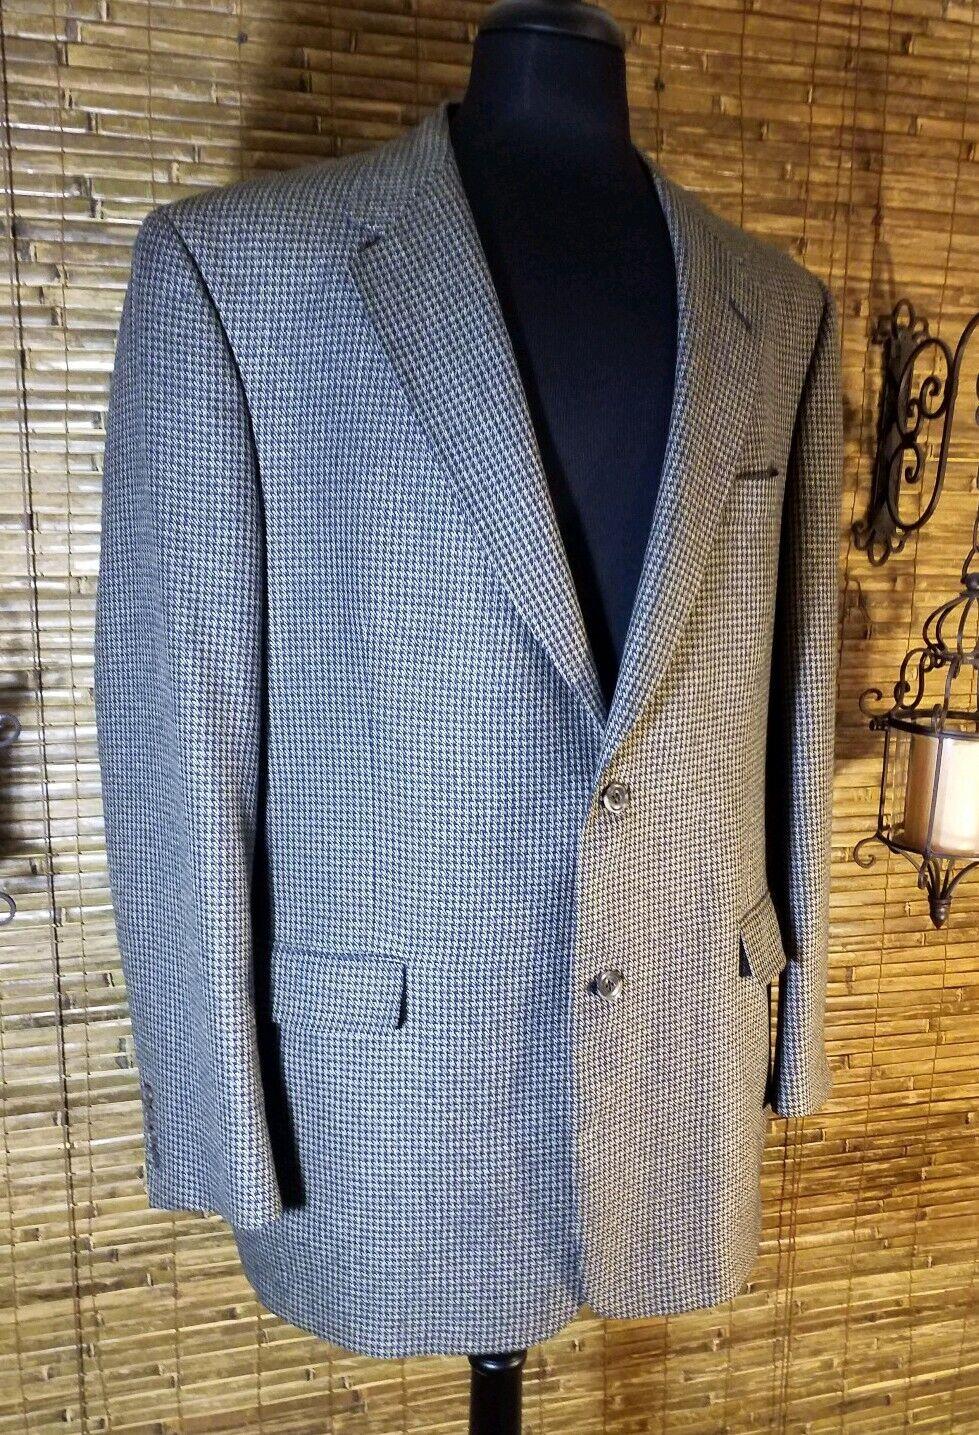 Kupit Austin Reed Usa Made Wool Houndstooth Sport Coat Na Aukcion Iz Ameriki S Dostavkoj V Rossiyu Ukrainu Kazahstan